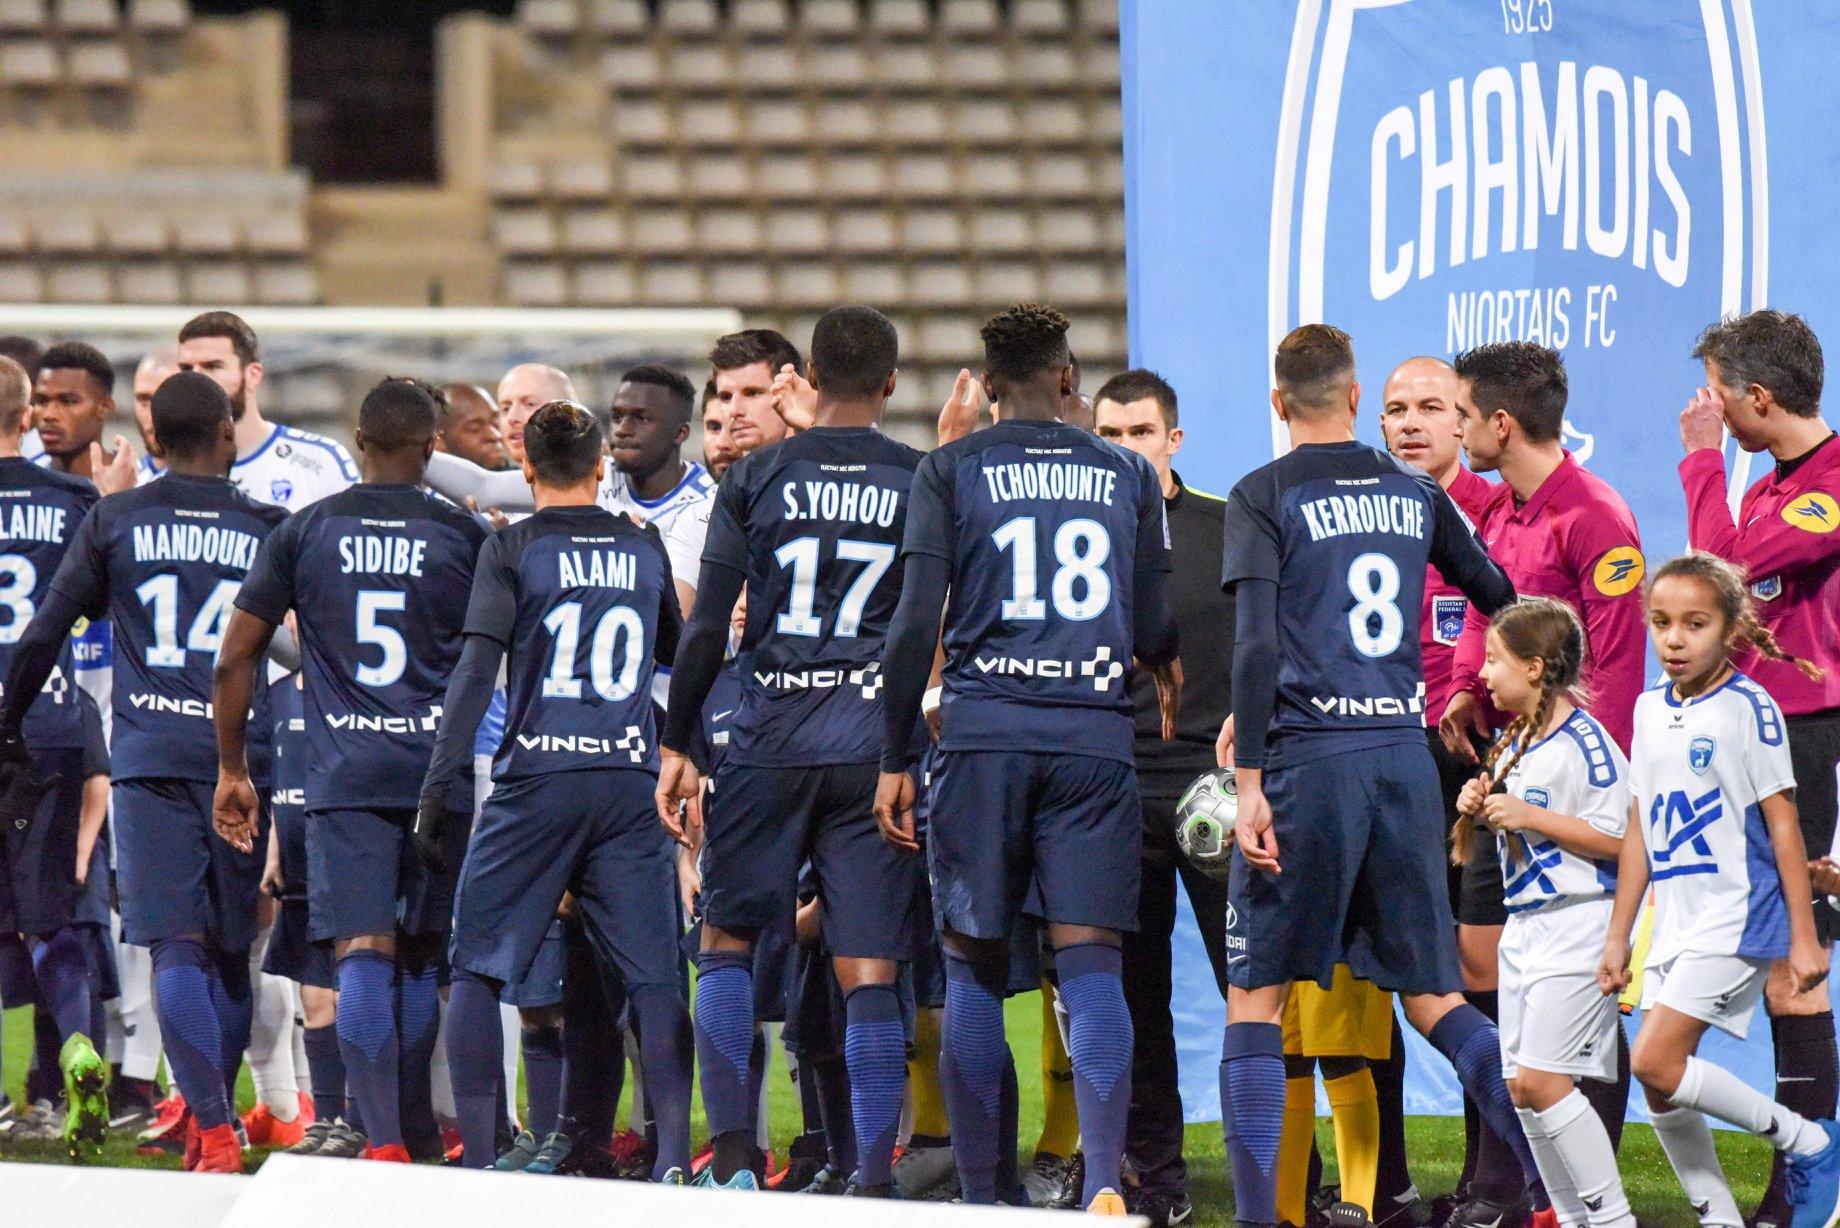 Ligue 2, Chateauroux-Paris FC 15 marzo: analisi e pronostico della giornata della seconda divisione calcistica francese